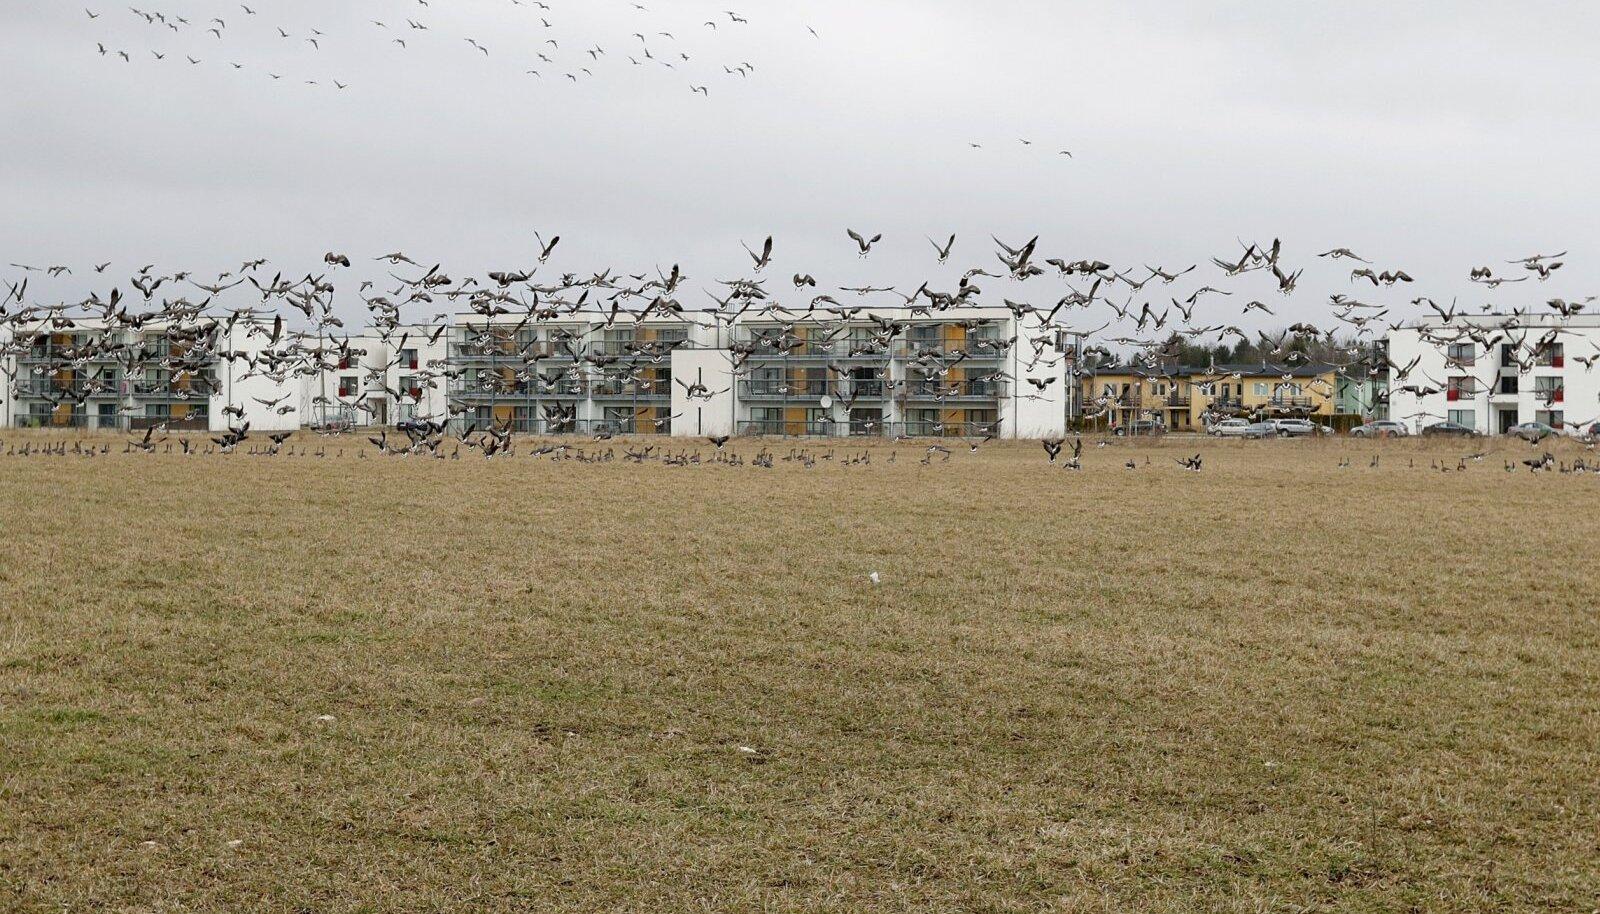 Peetri külast võib tulevikus saada aeglaselt tühjenev pensionäride piirkond. Eestis ei sünni piisavalt lapsi, kes nende kortereid kunagi endale sooviksid.